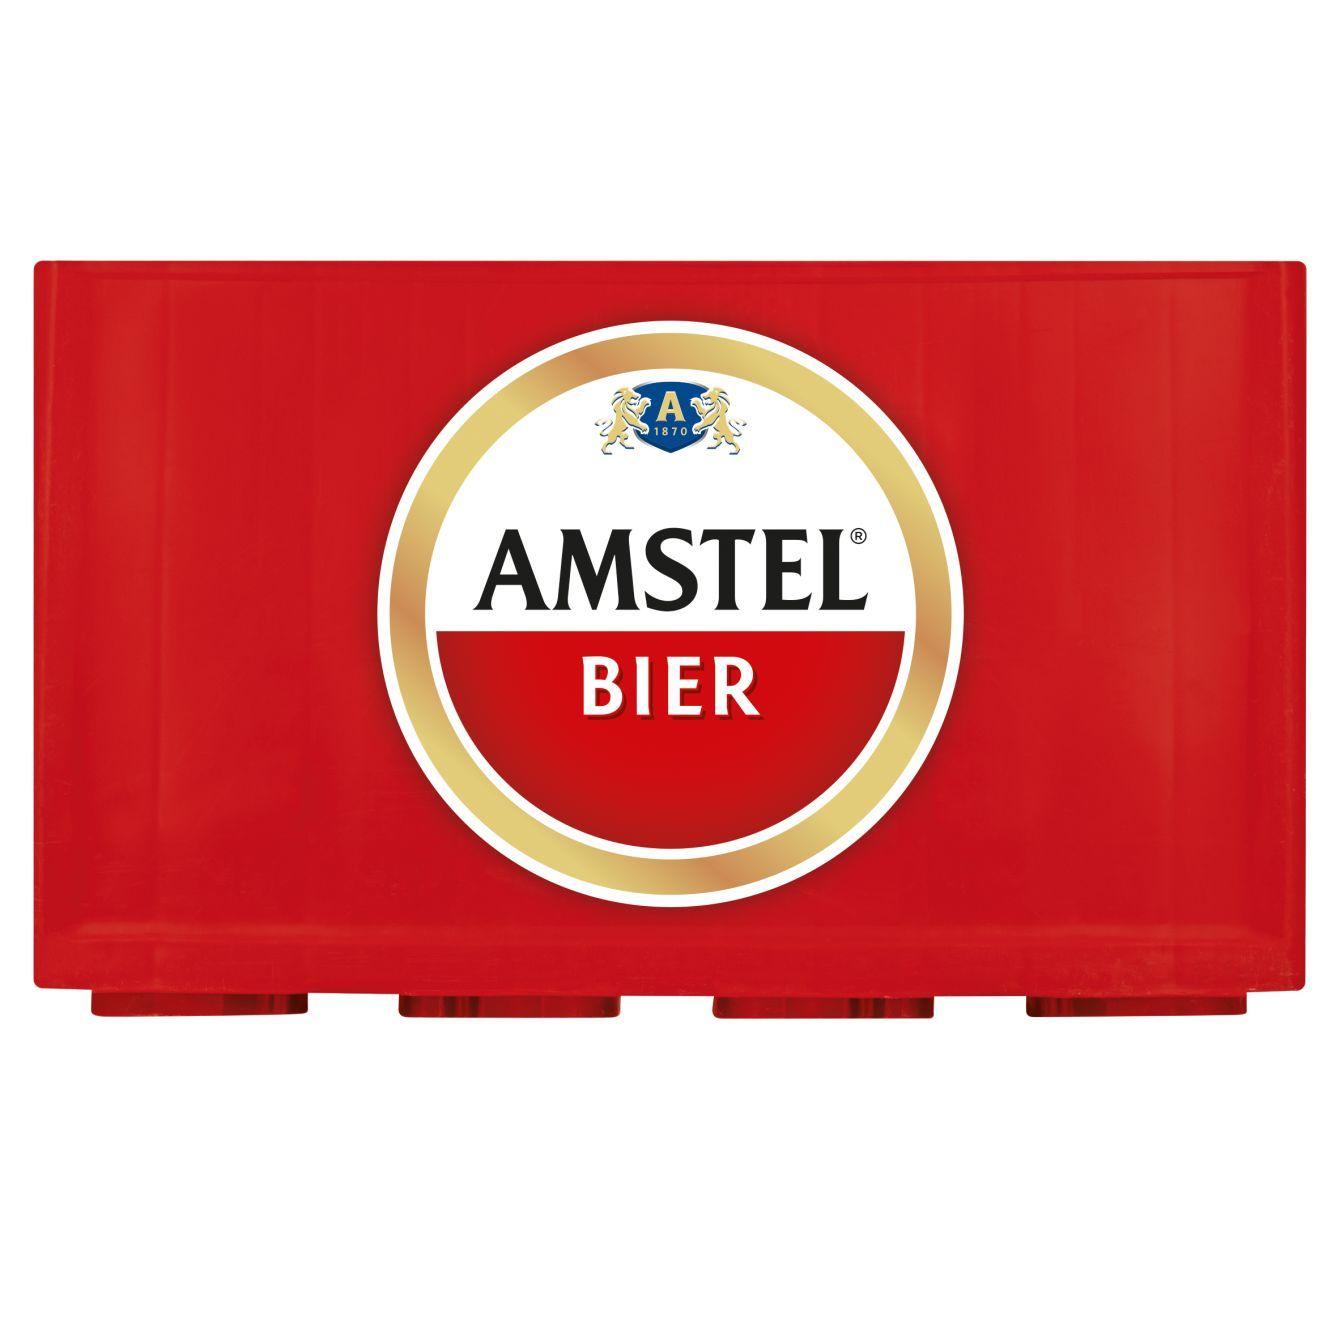 24x0,30ml Amstel Bier - Coop (NL Grenzgänger)